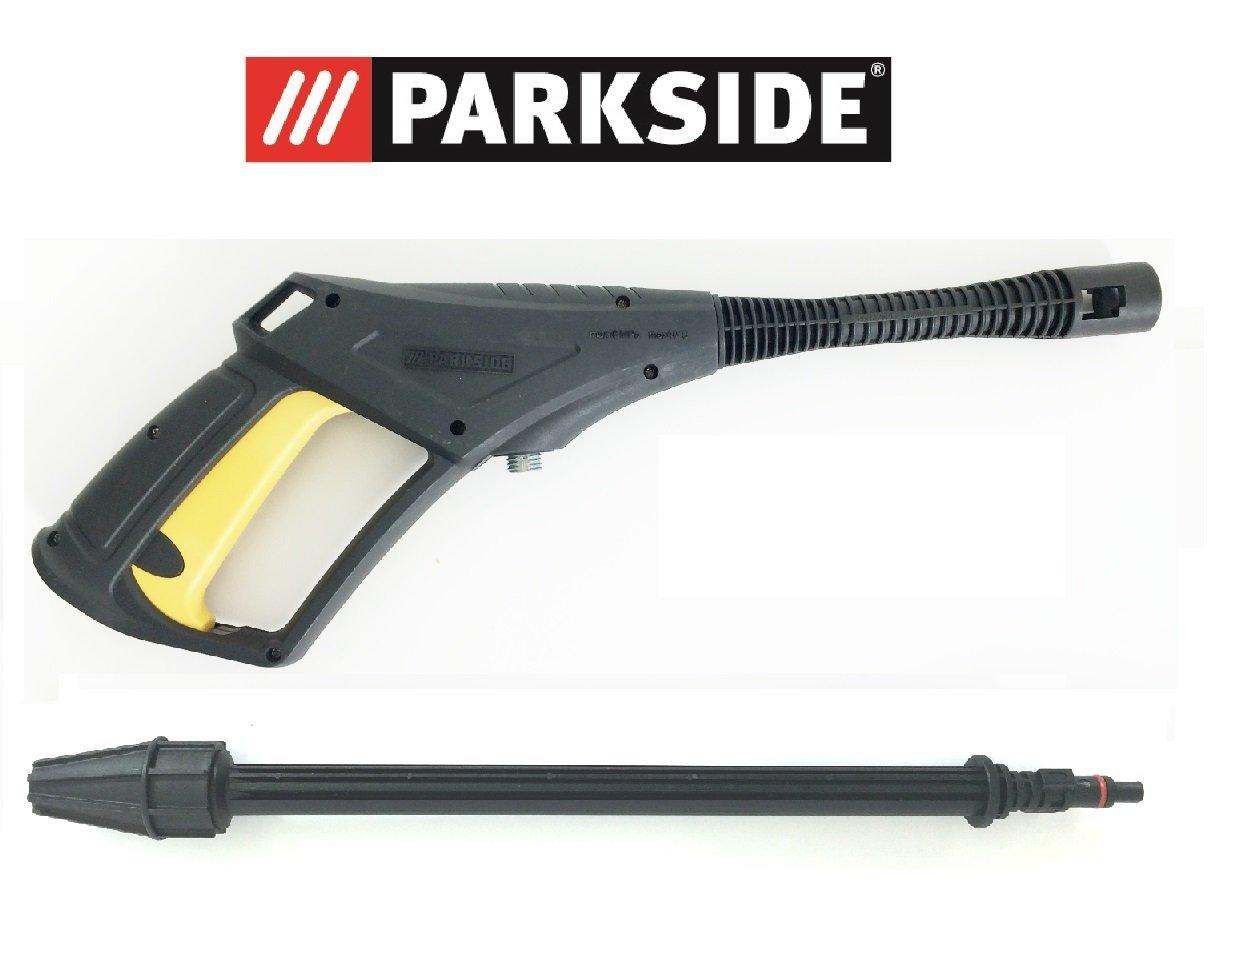 Spritzpistolen-Set-Pistole-und-Hochdruckdse-Parkside-Hochdruckreiniger-PHD-150-A1-B2-C2-D3